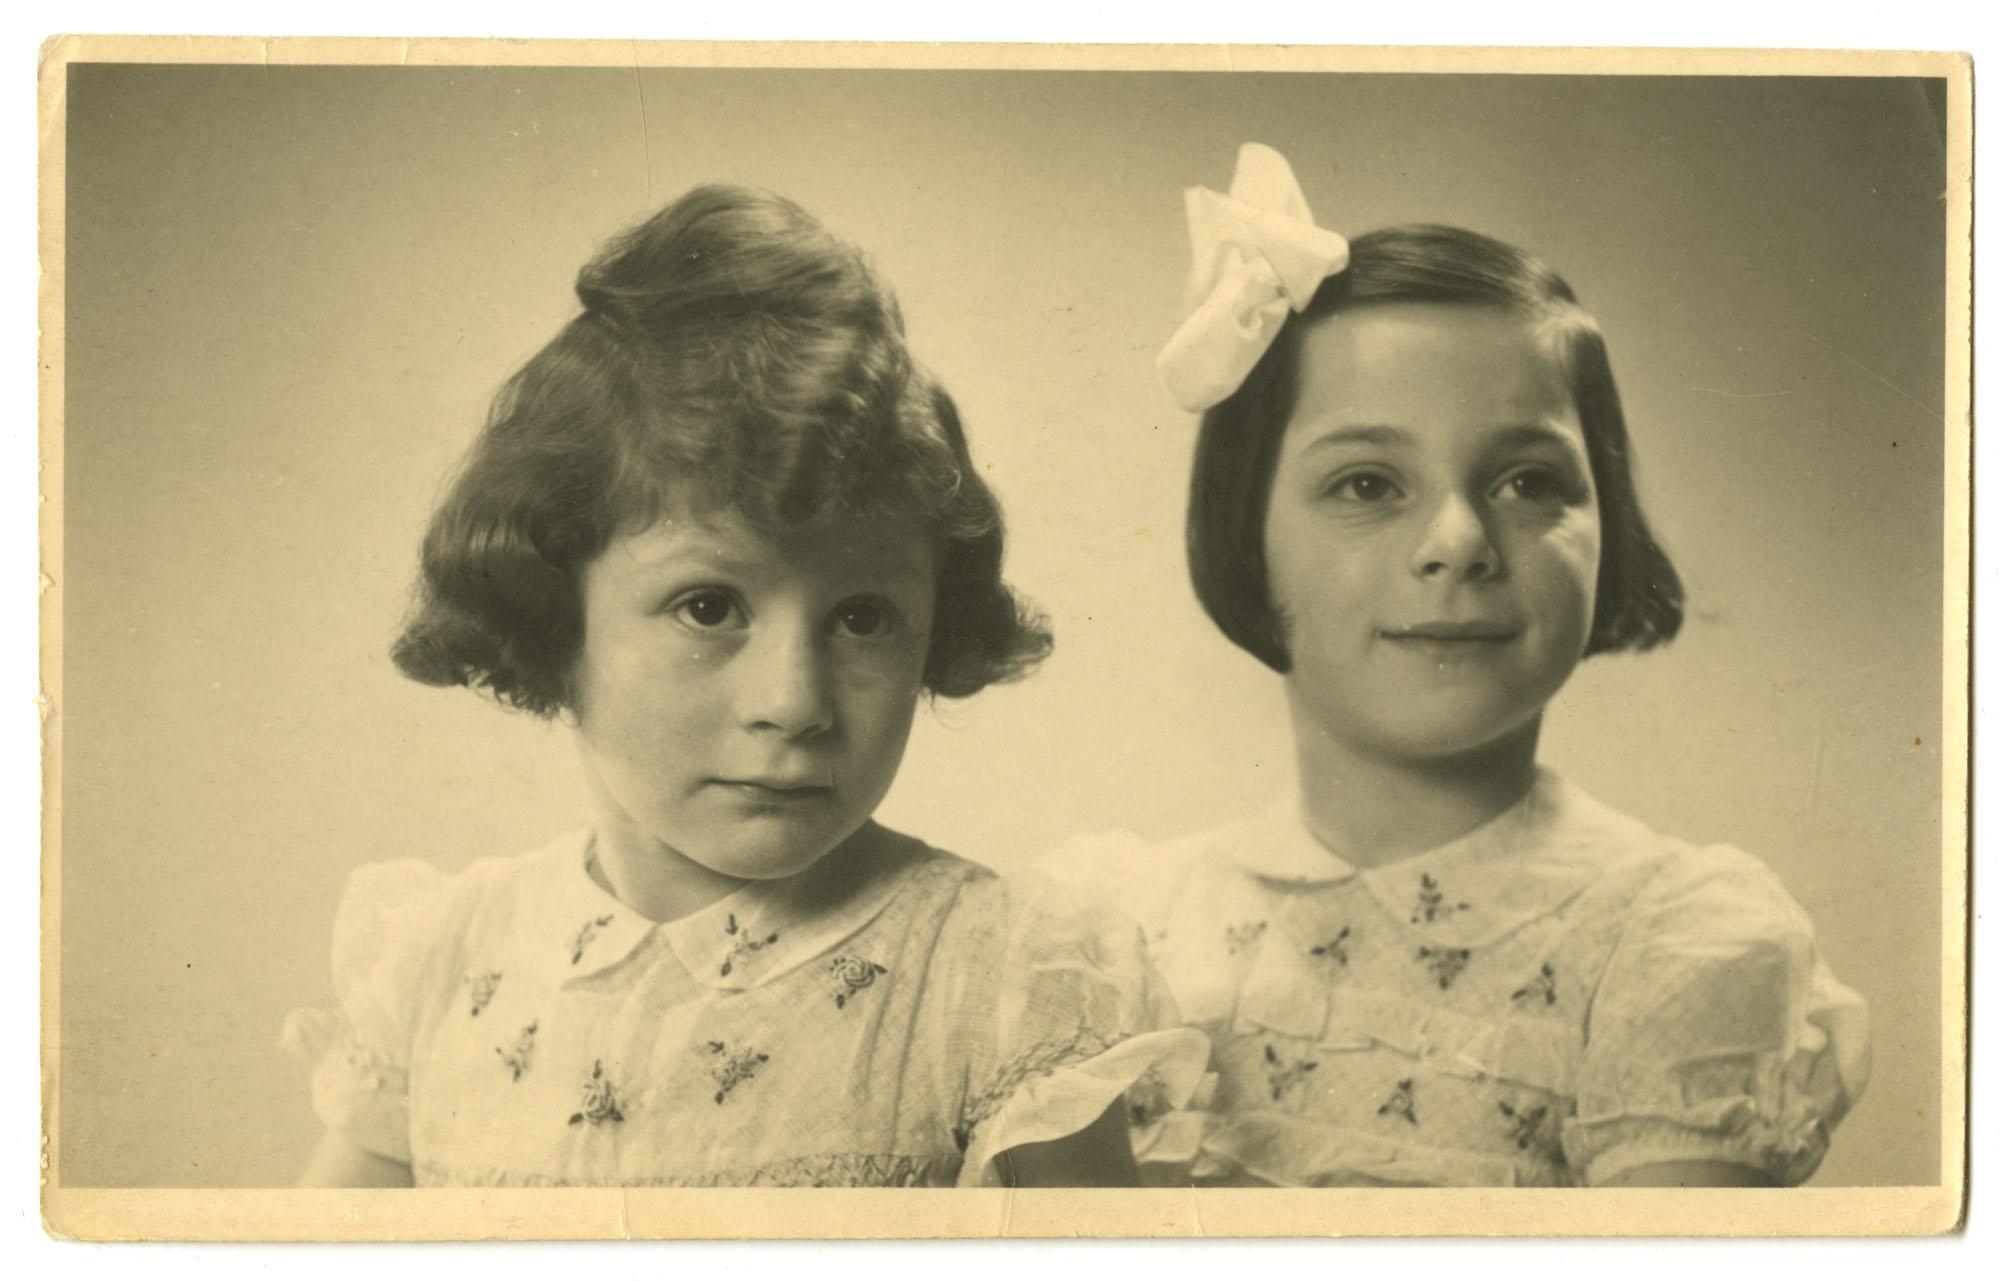 Roosje and Dientje Krant, 1945